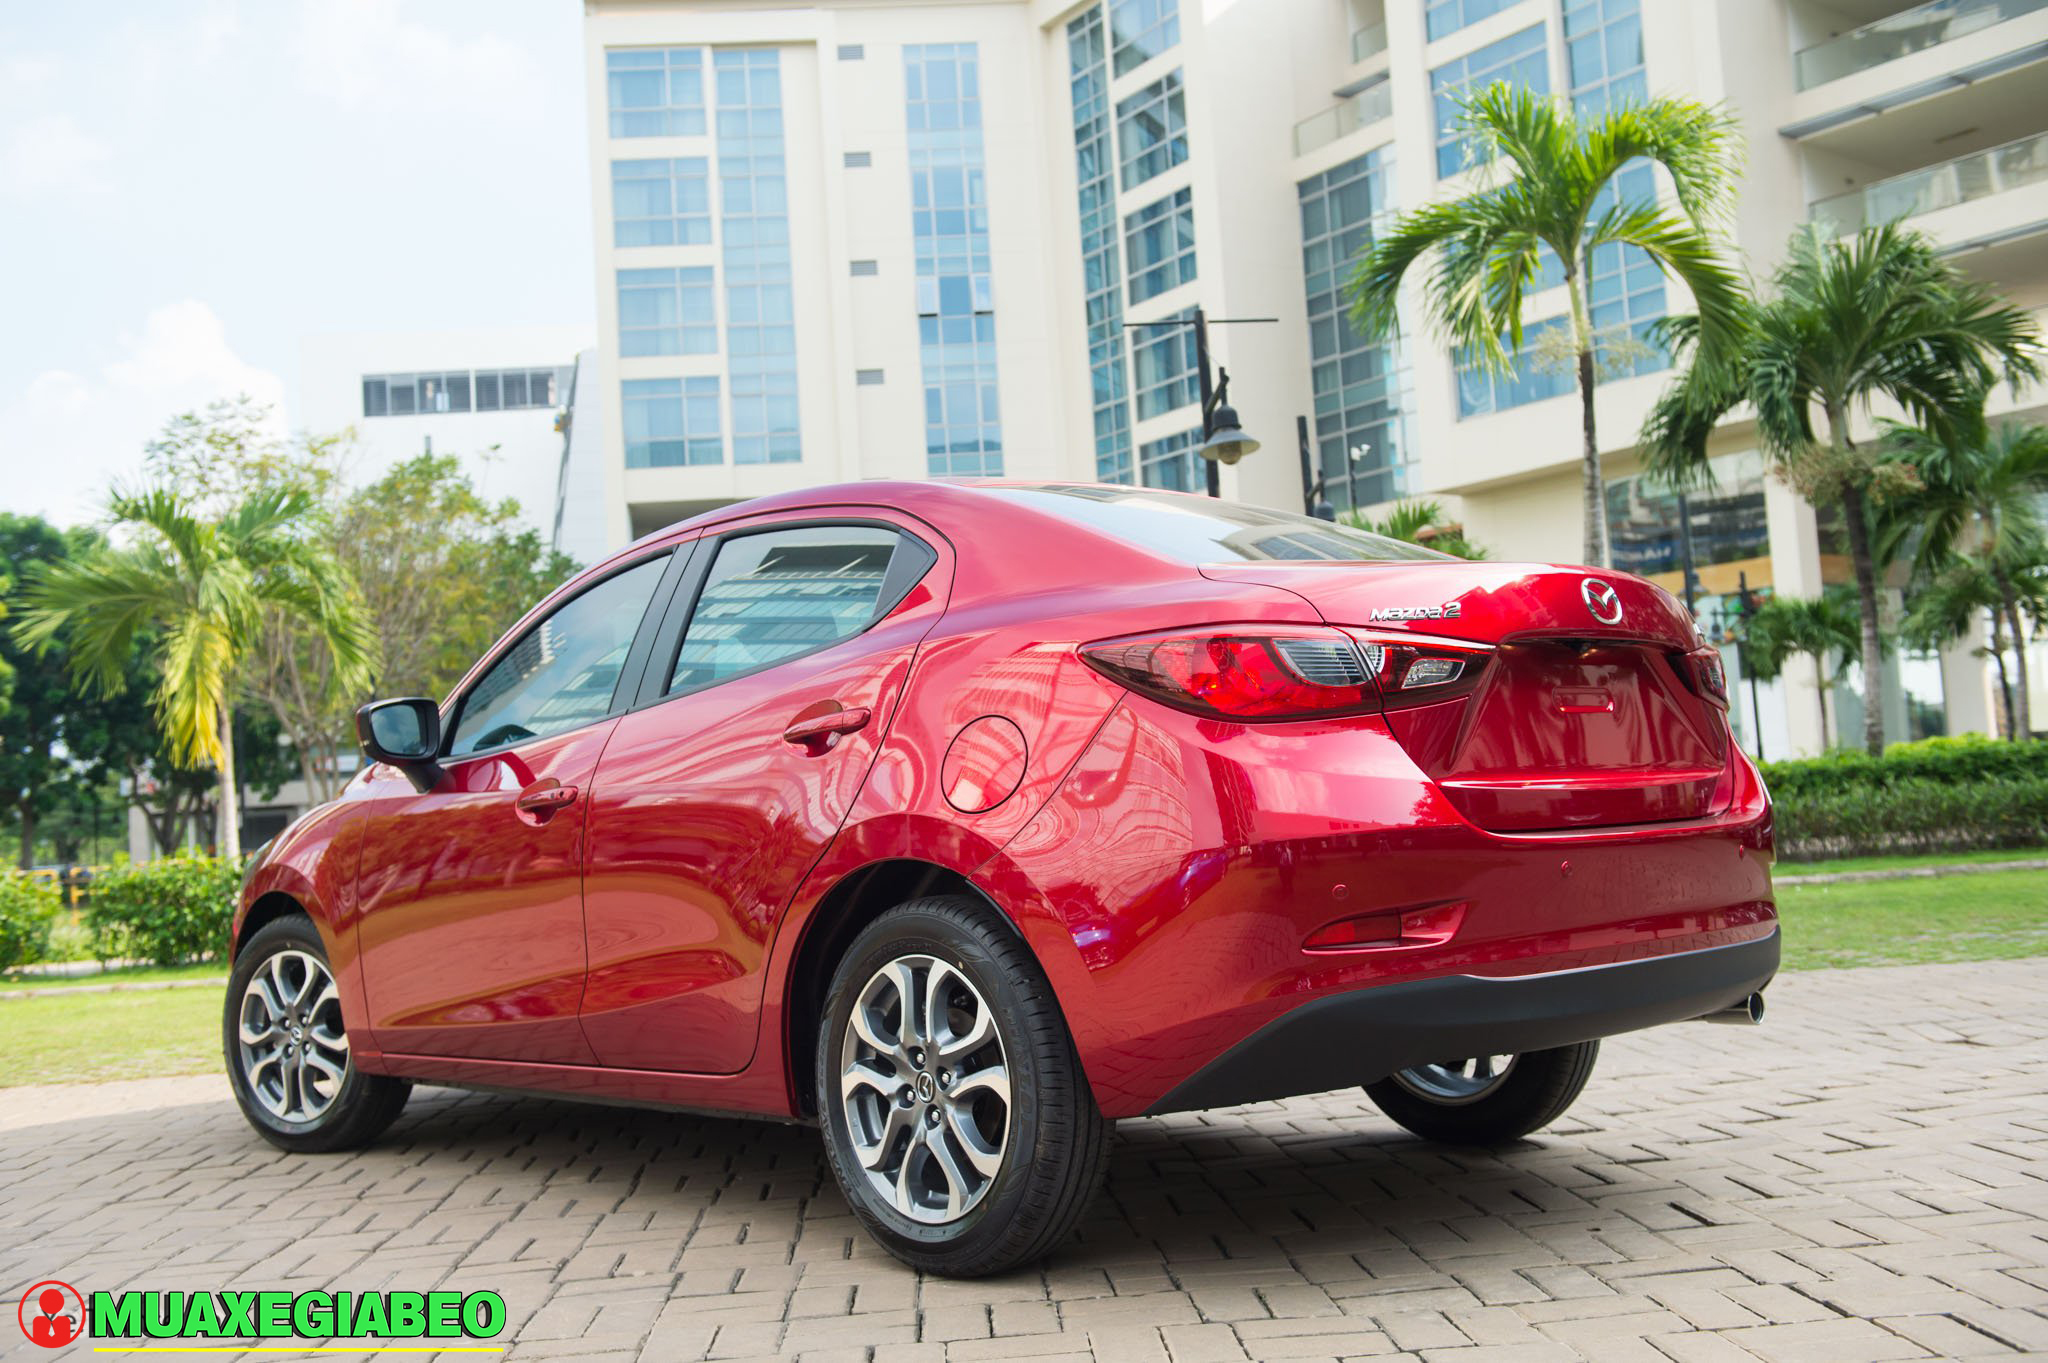 Xe Mazda 2 anh 23 - So sánh Vios và Mazda 2 Sedan: tầm 500-600 triệu nên nên xe 5 chỗ nào